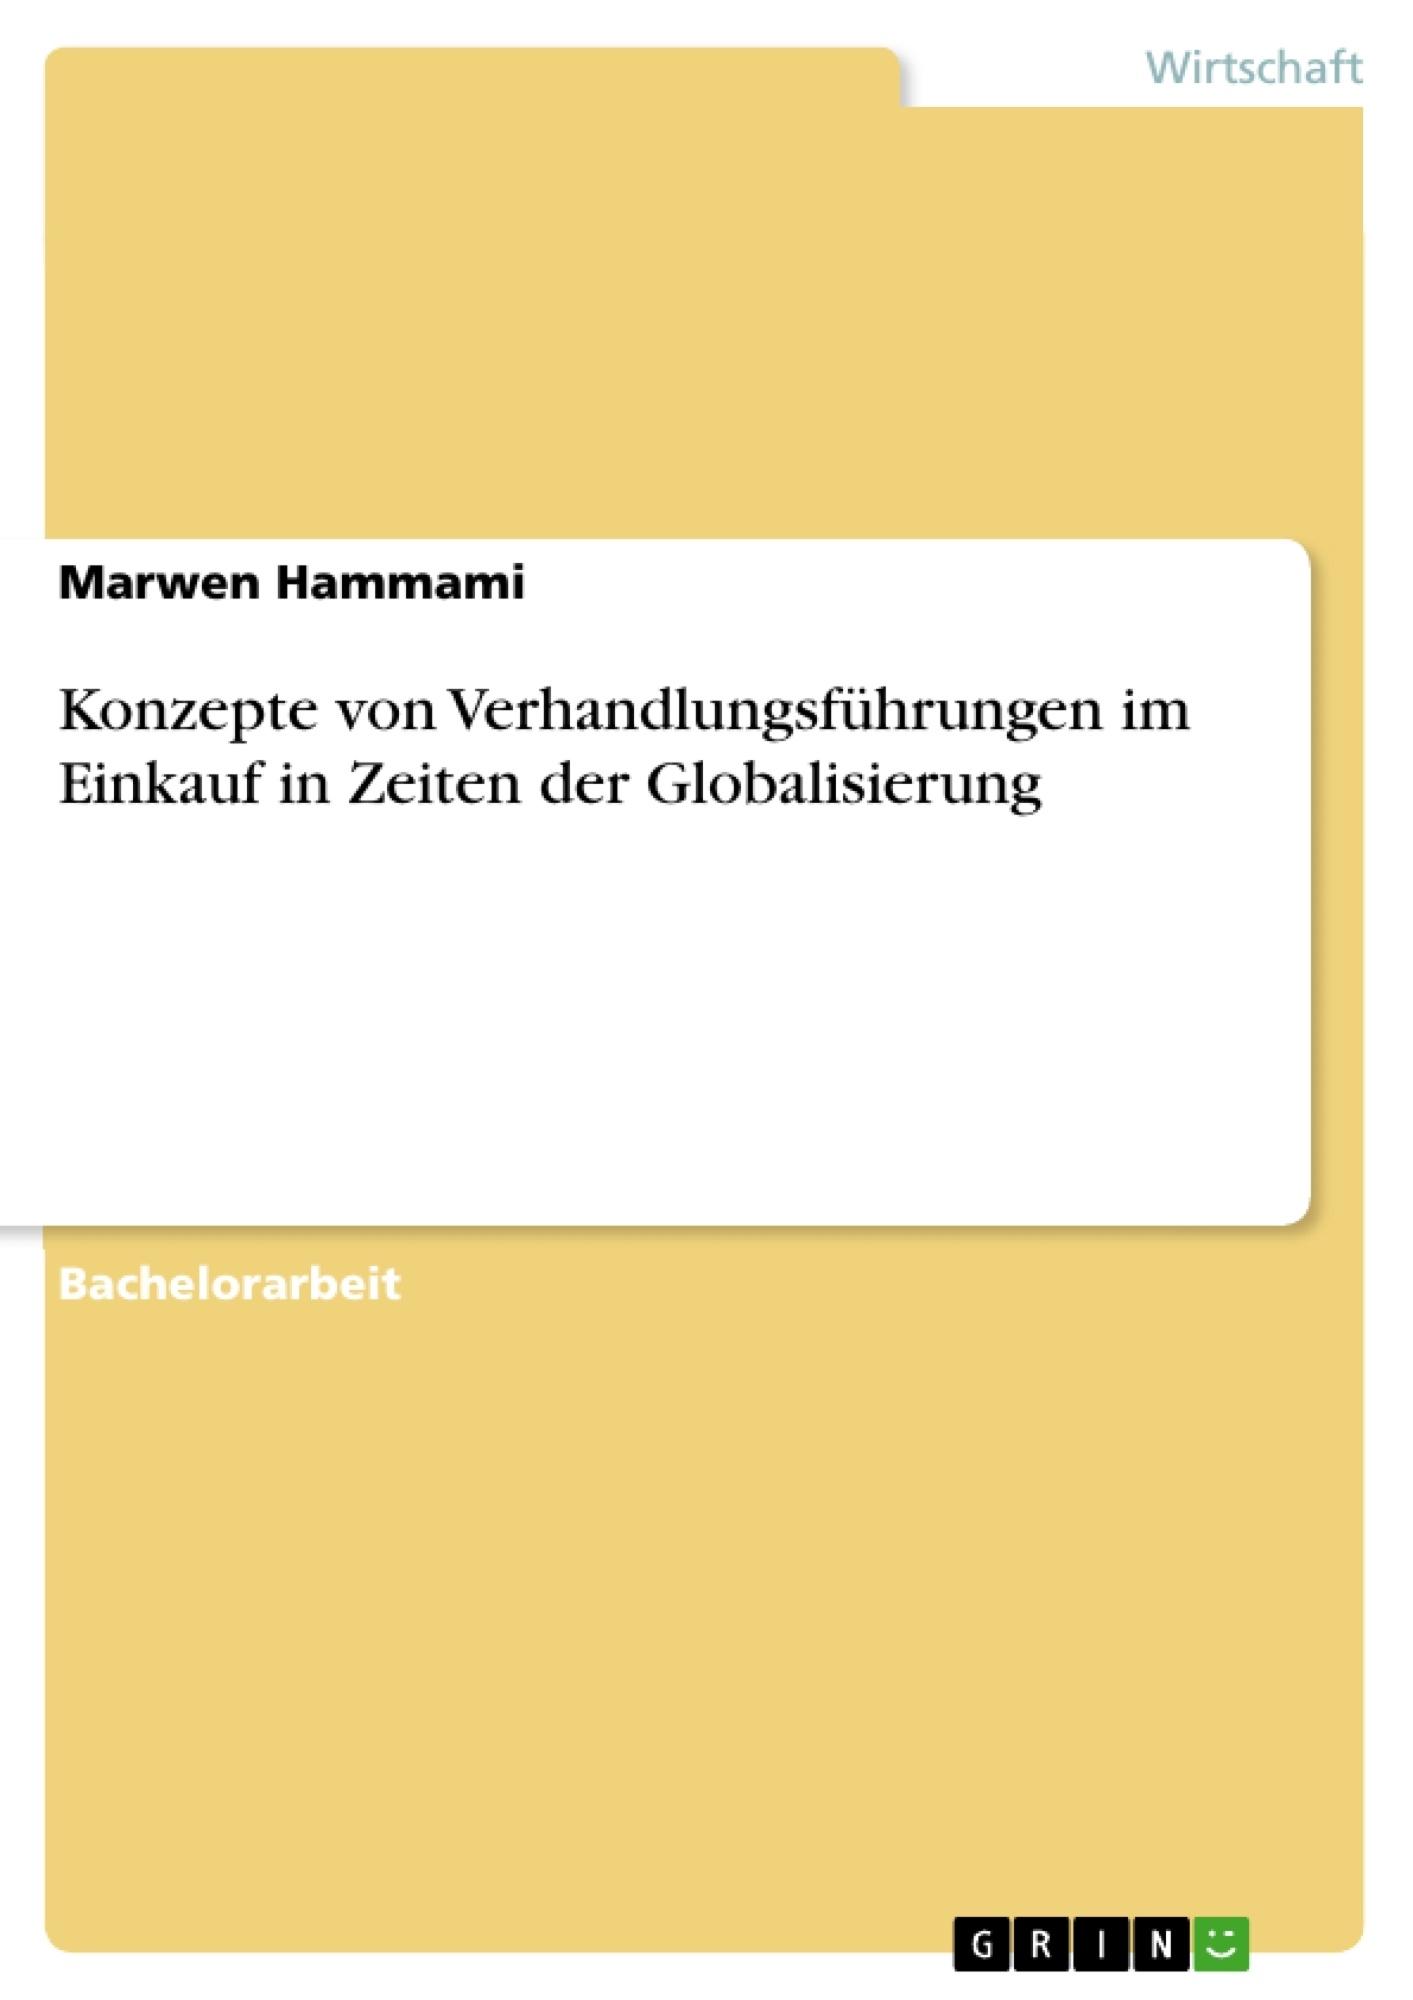 Titel: Konzepte von Verhandlungsführungen im Einkauf in Zeiten der Globalisierung